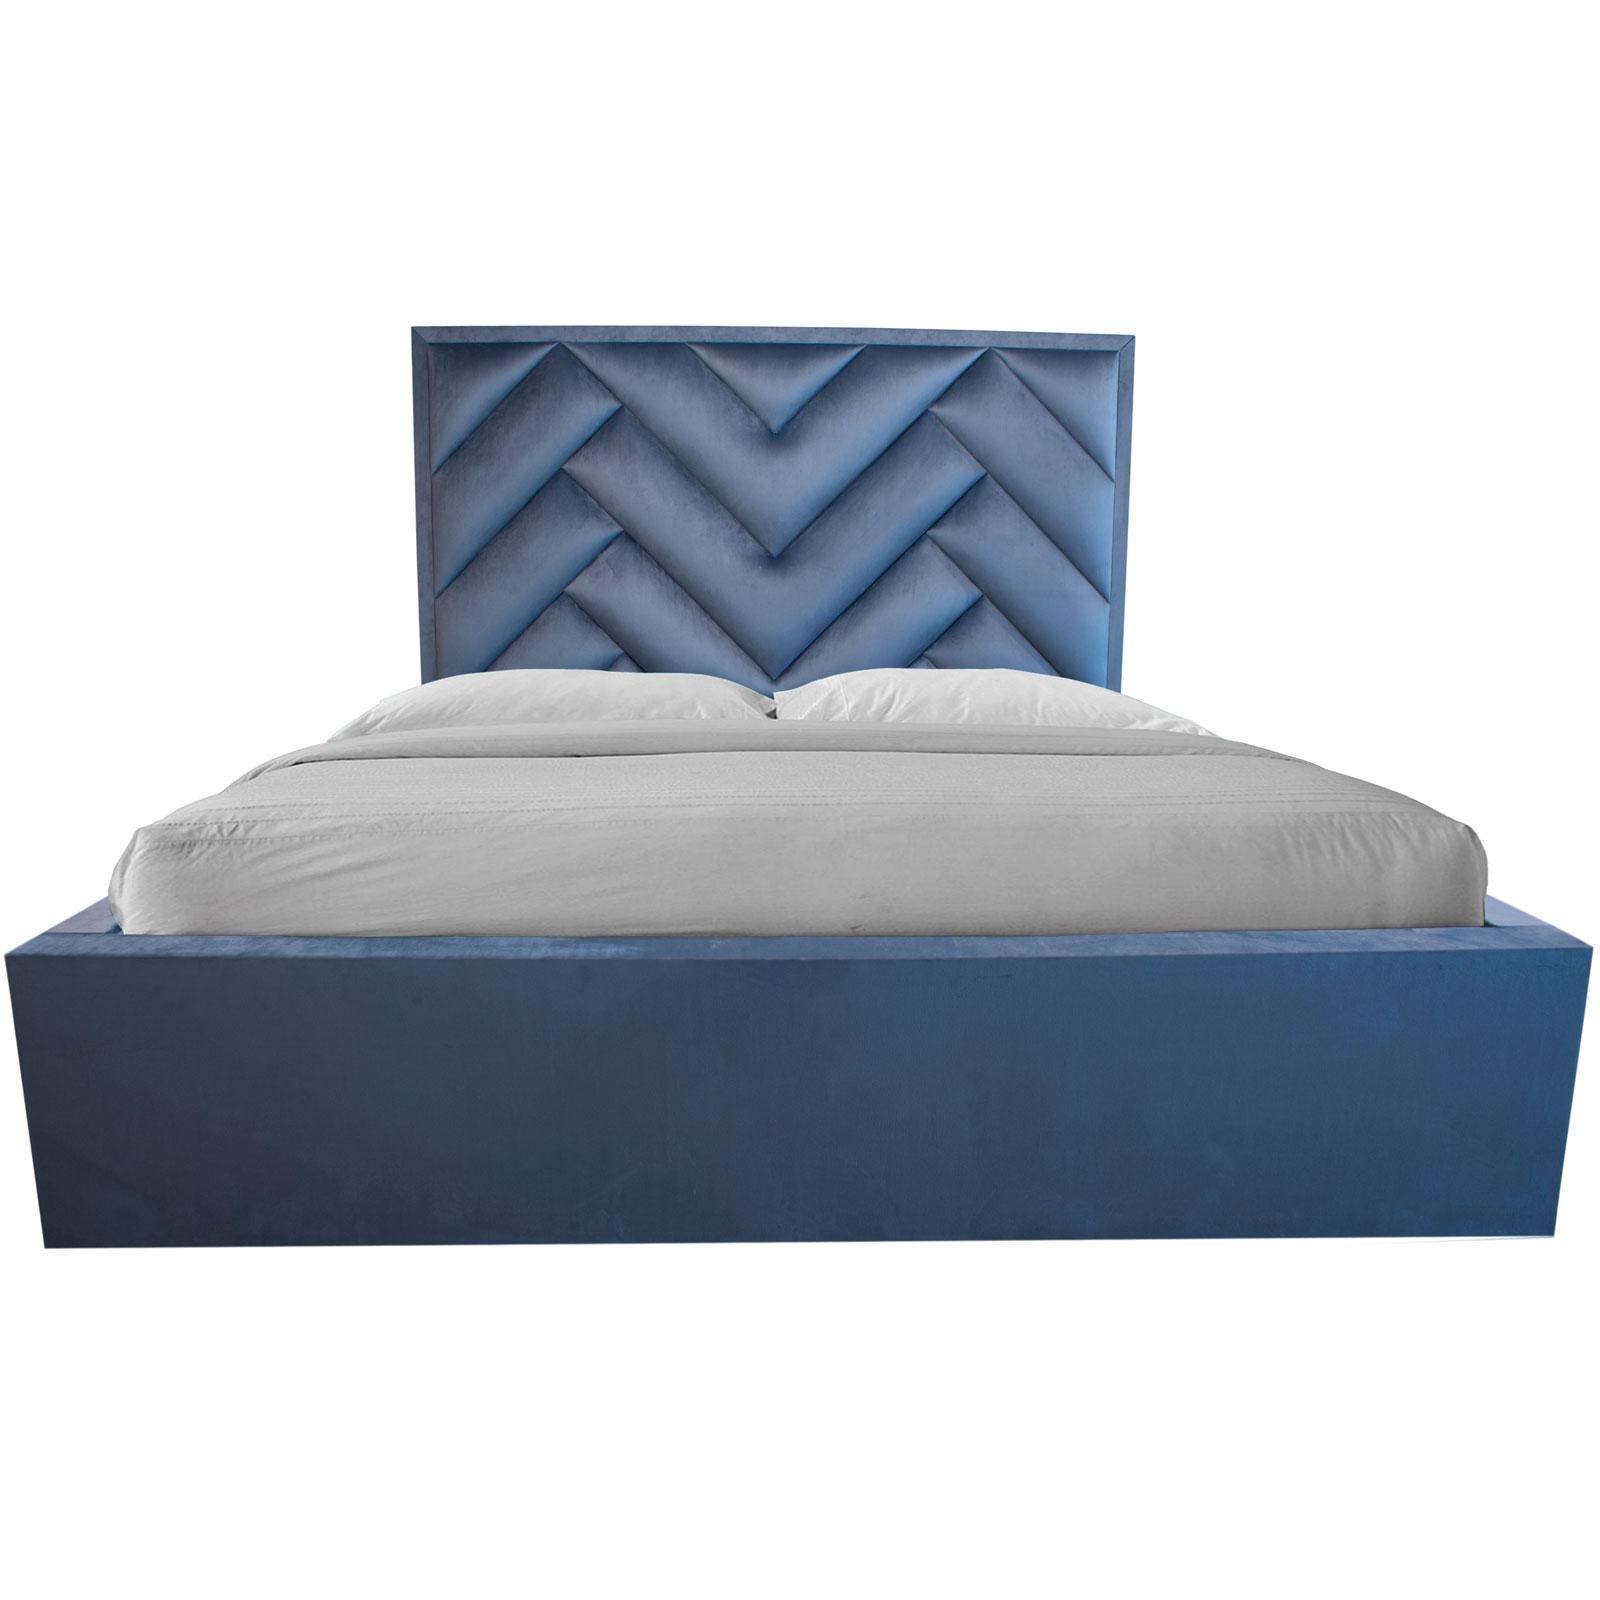 تخت خوتب دو نفره مدل آرته